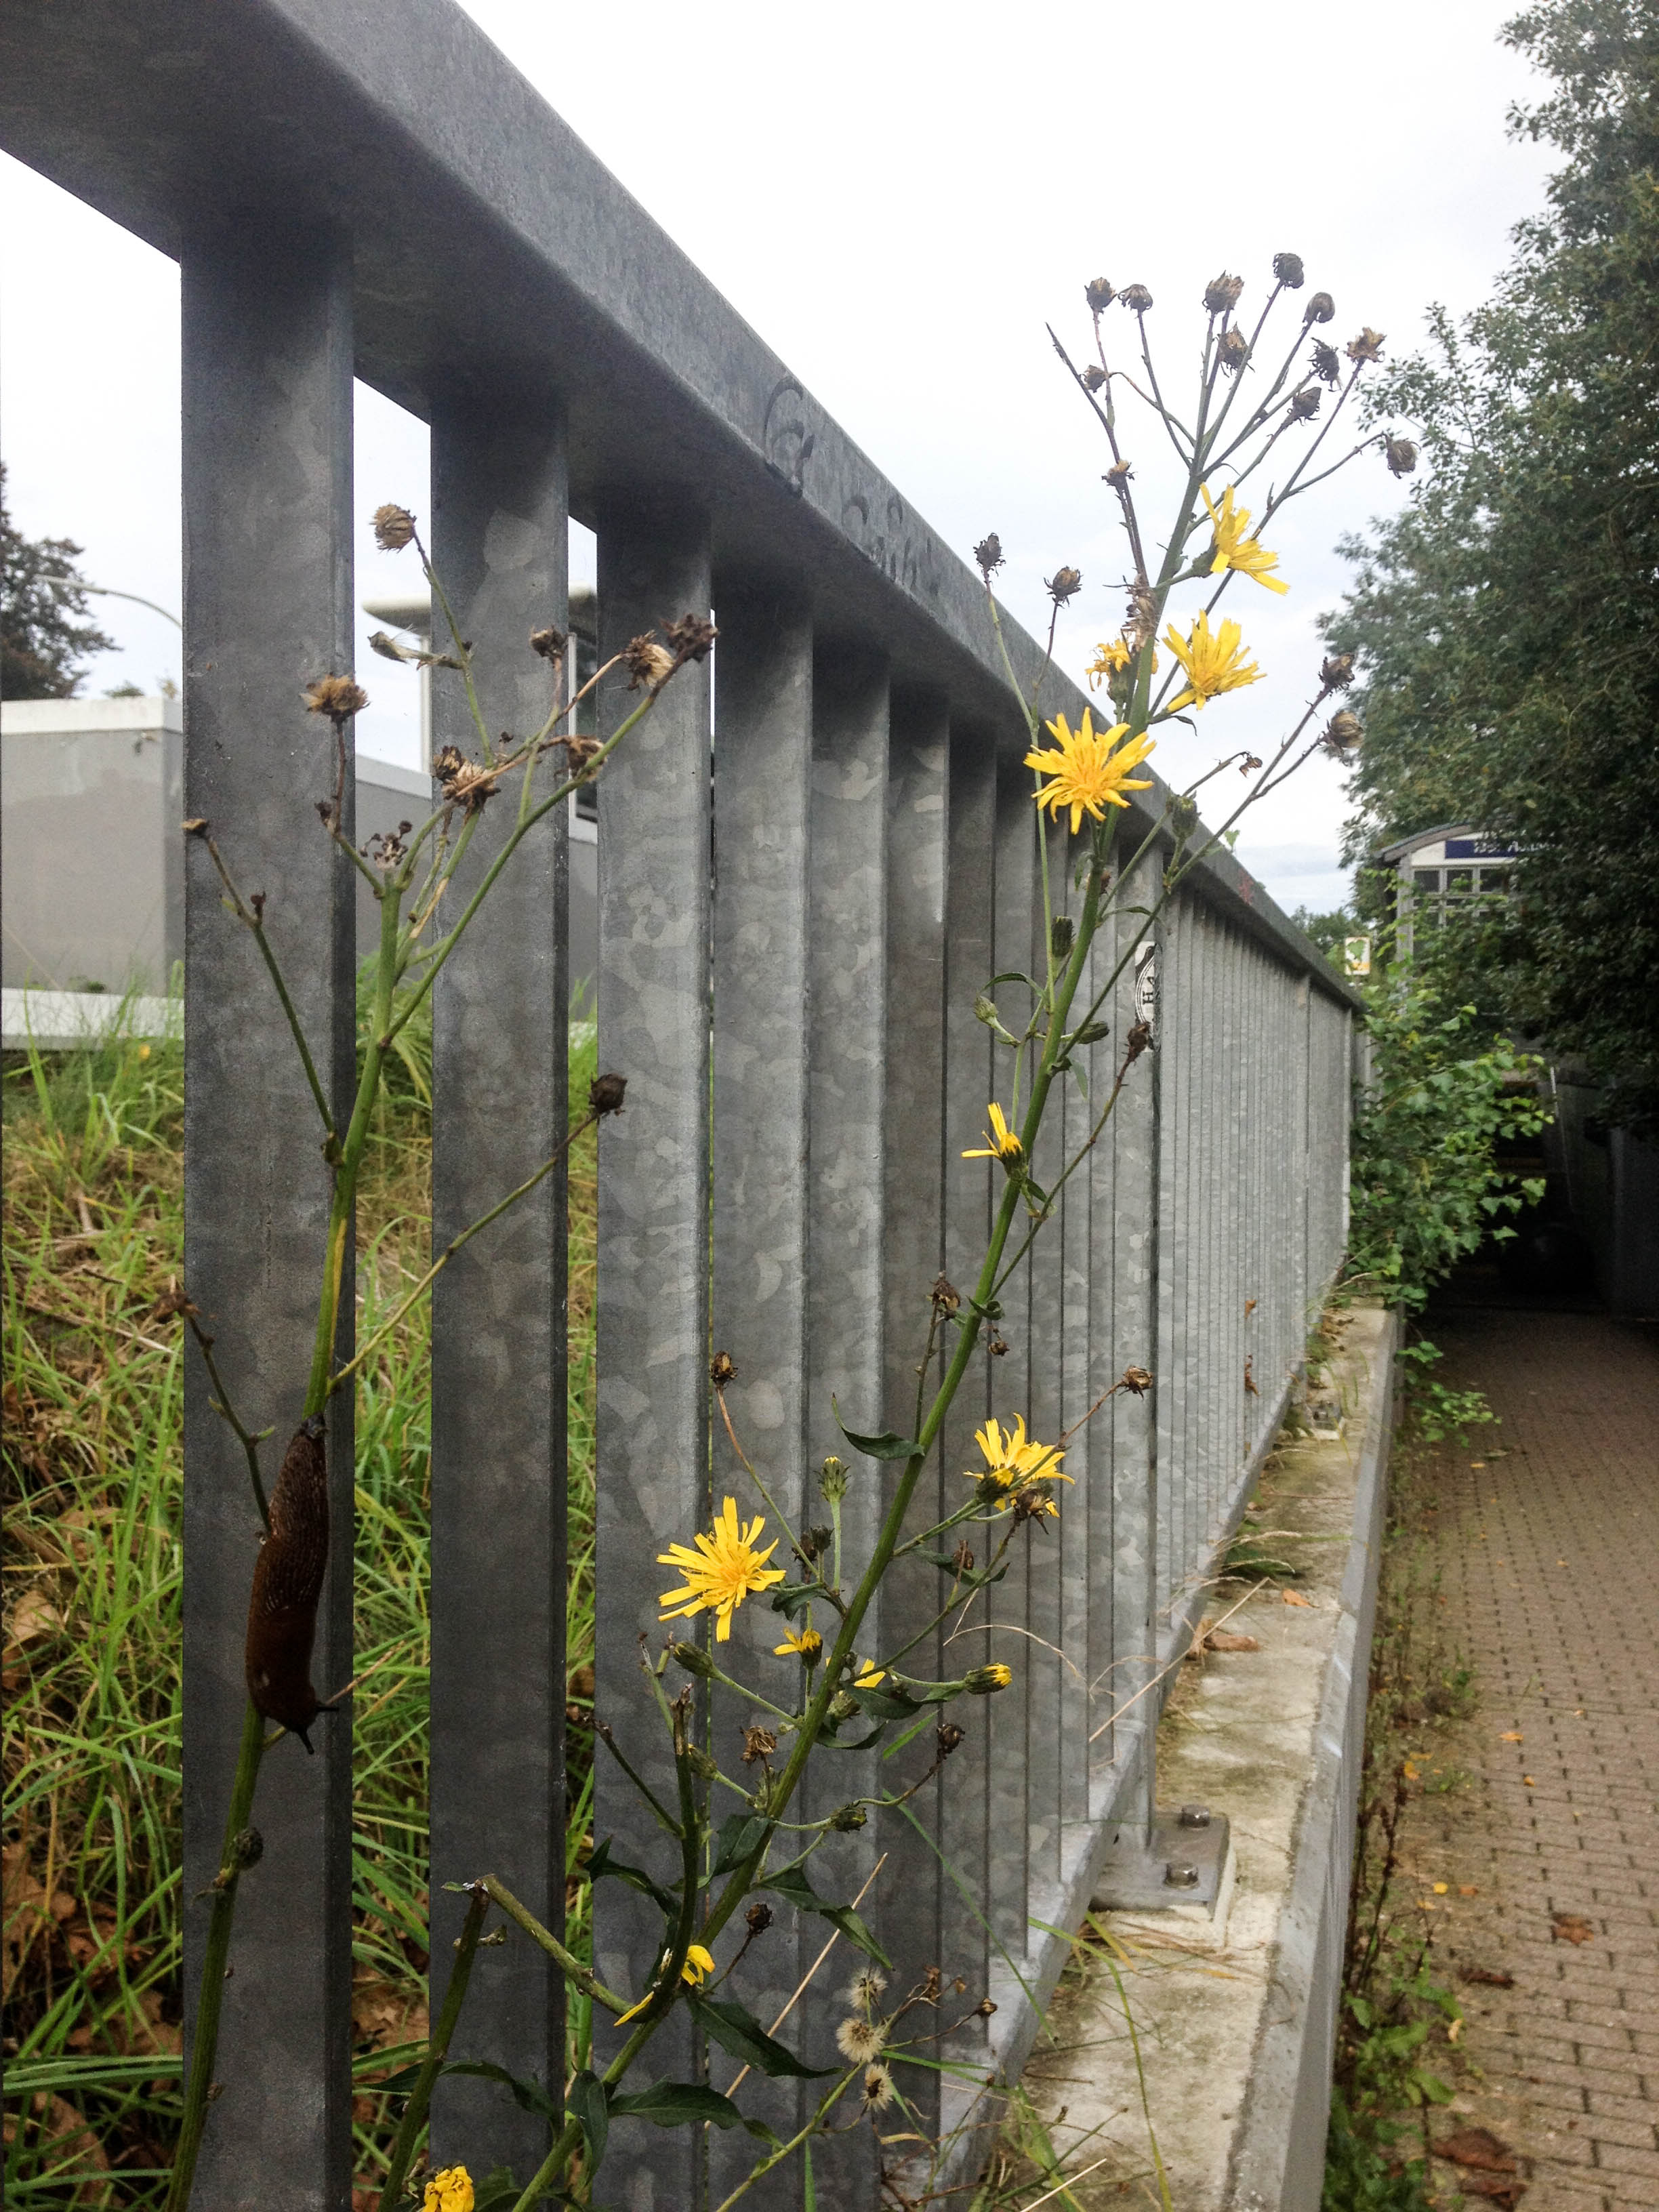 IMG_7185 Blume an Geländer